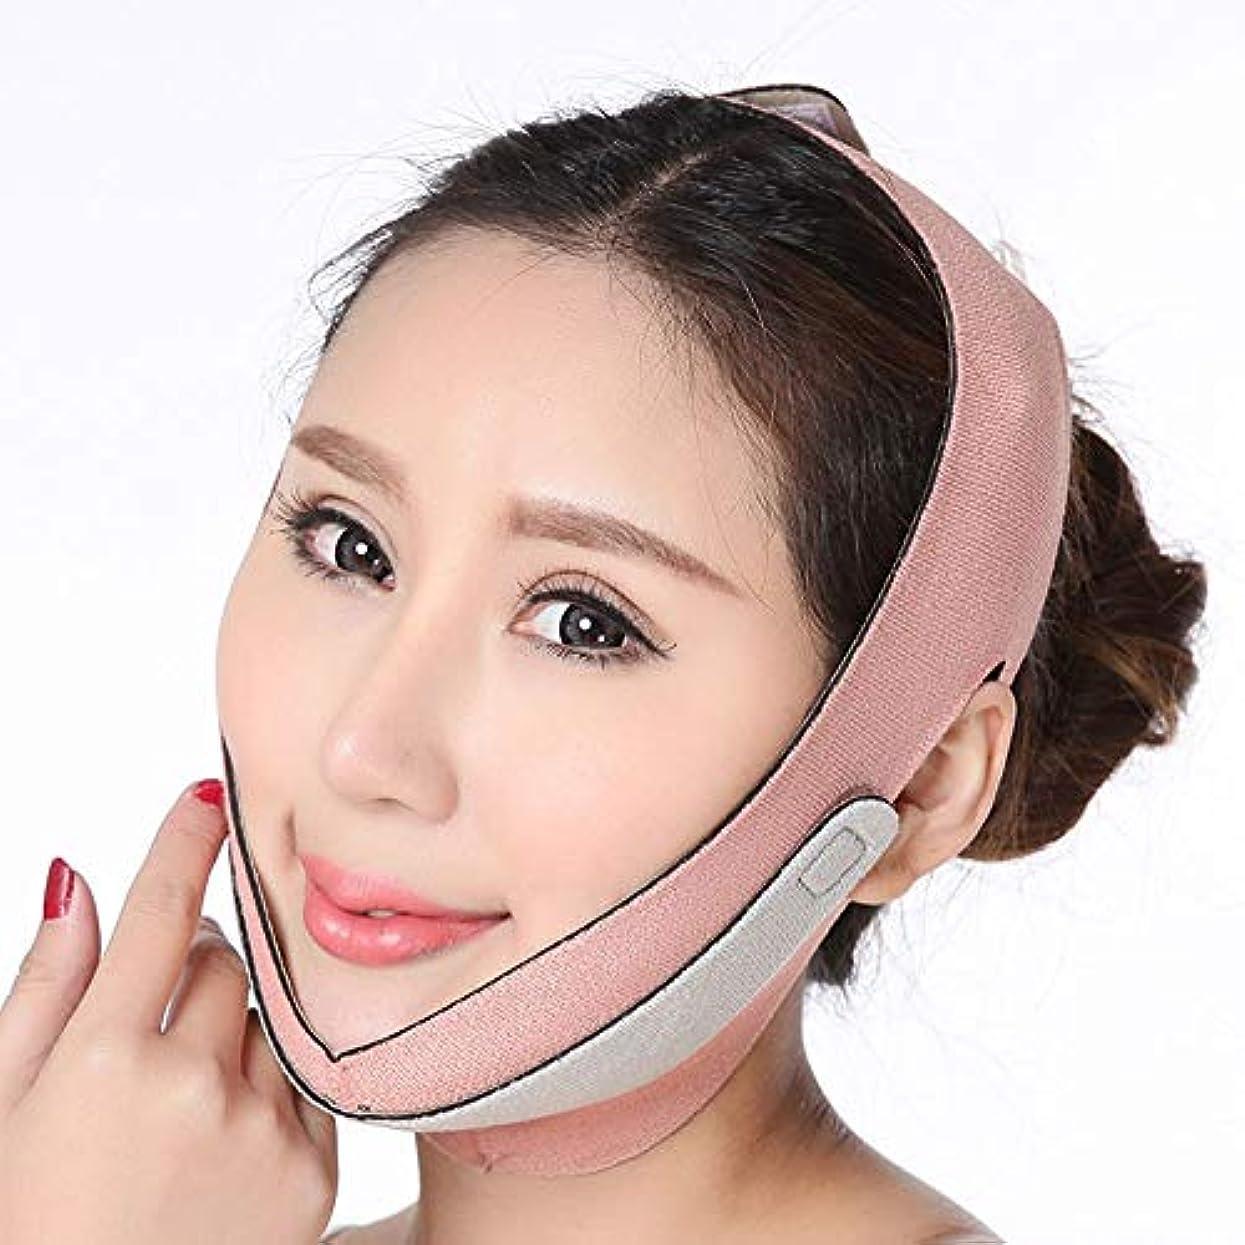 システム多様性の間にGYZ シンフェイス包帯シンフェイスマスクフェイスリフトアーティファクトレイズVフェイスシンフェイスフェイスリフティング美容マスク小フェイス包帯 Thin Face Belt (Color : A)